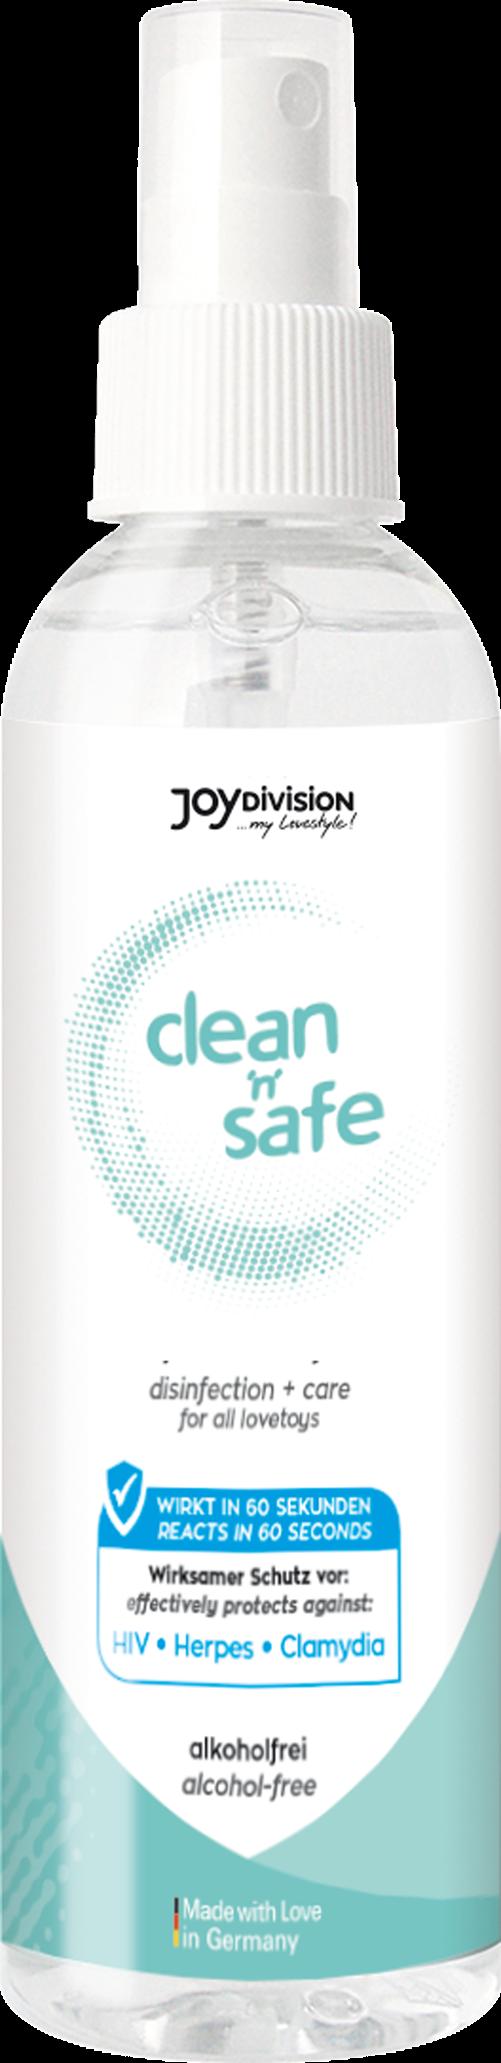 clean'n'safe, 200 ml